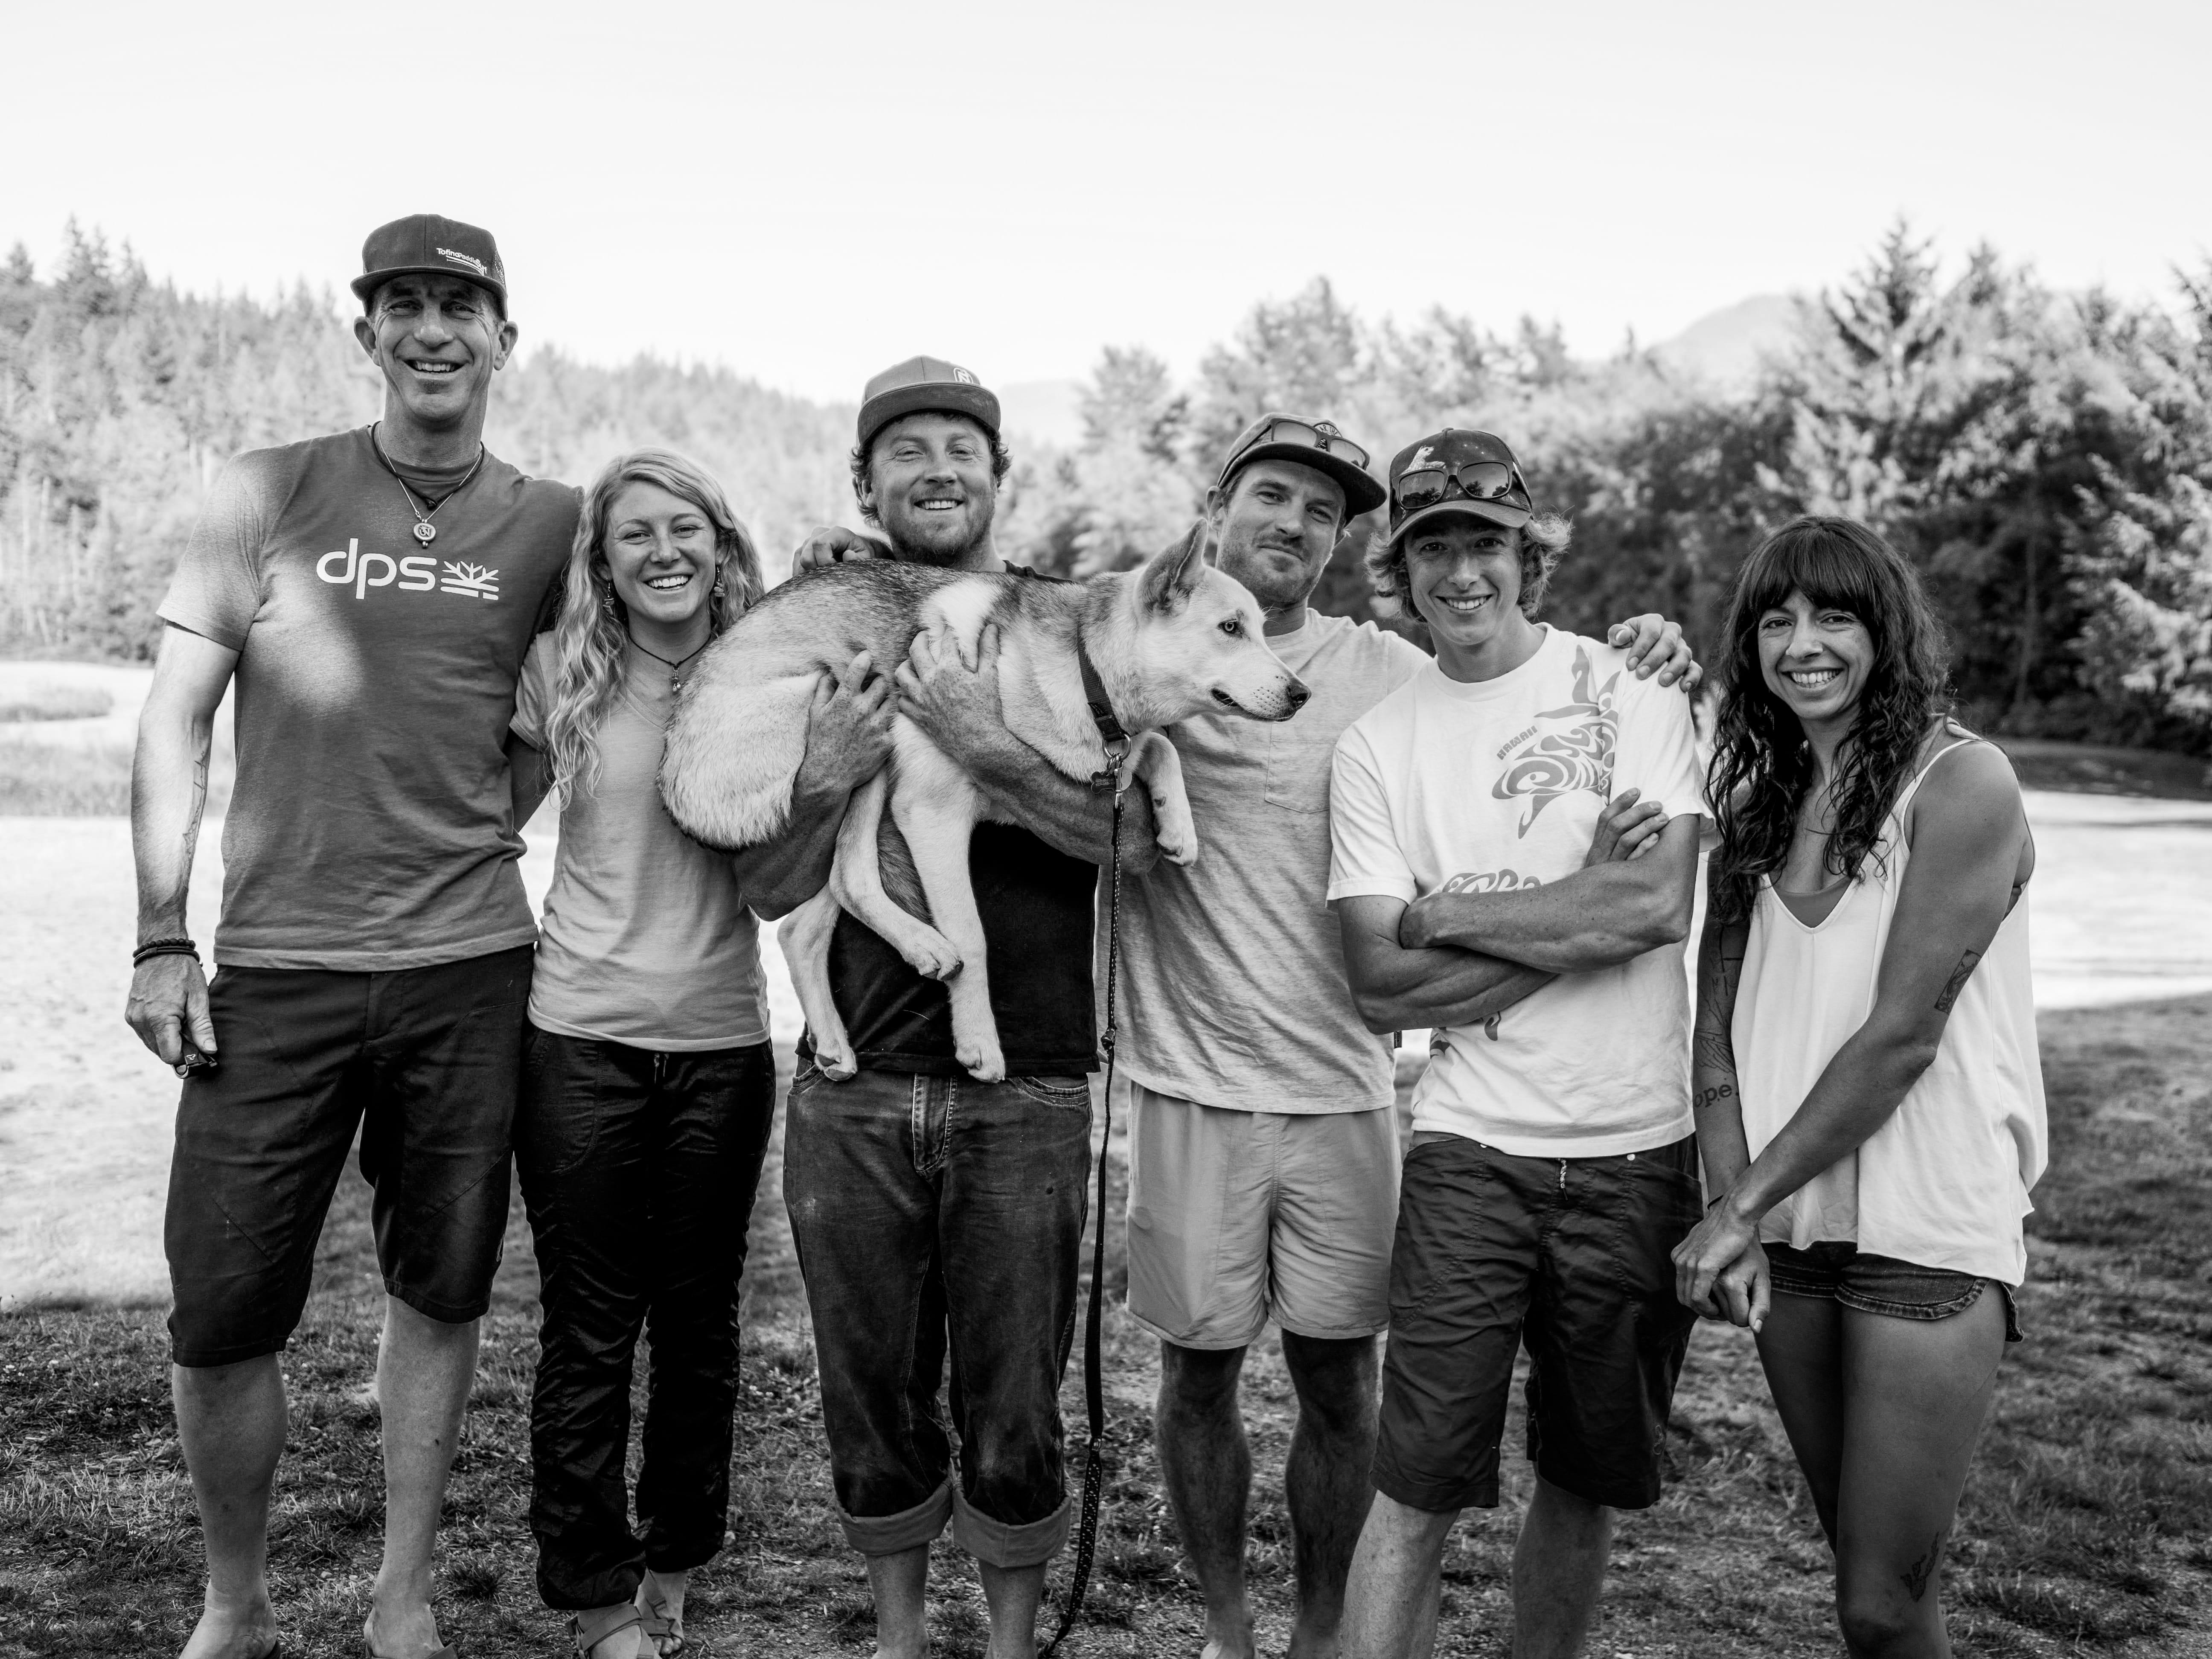 left to right: Chris Christie, Savannah Cummins, John Price, Lakea, Drew Smith, Thomas Burden, Tara Kerzhner